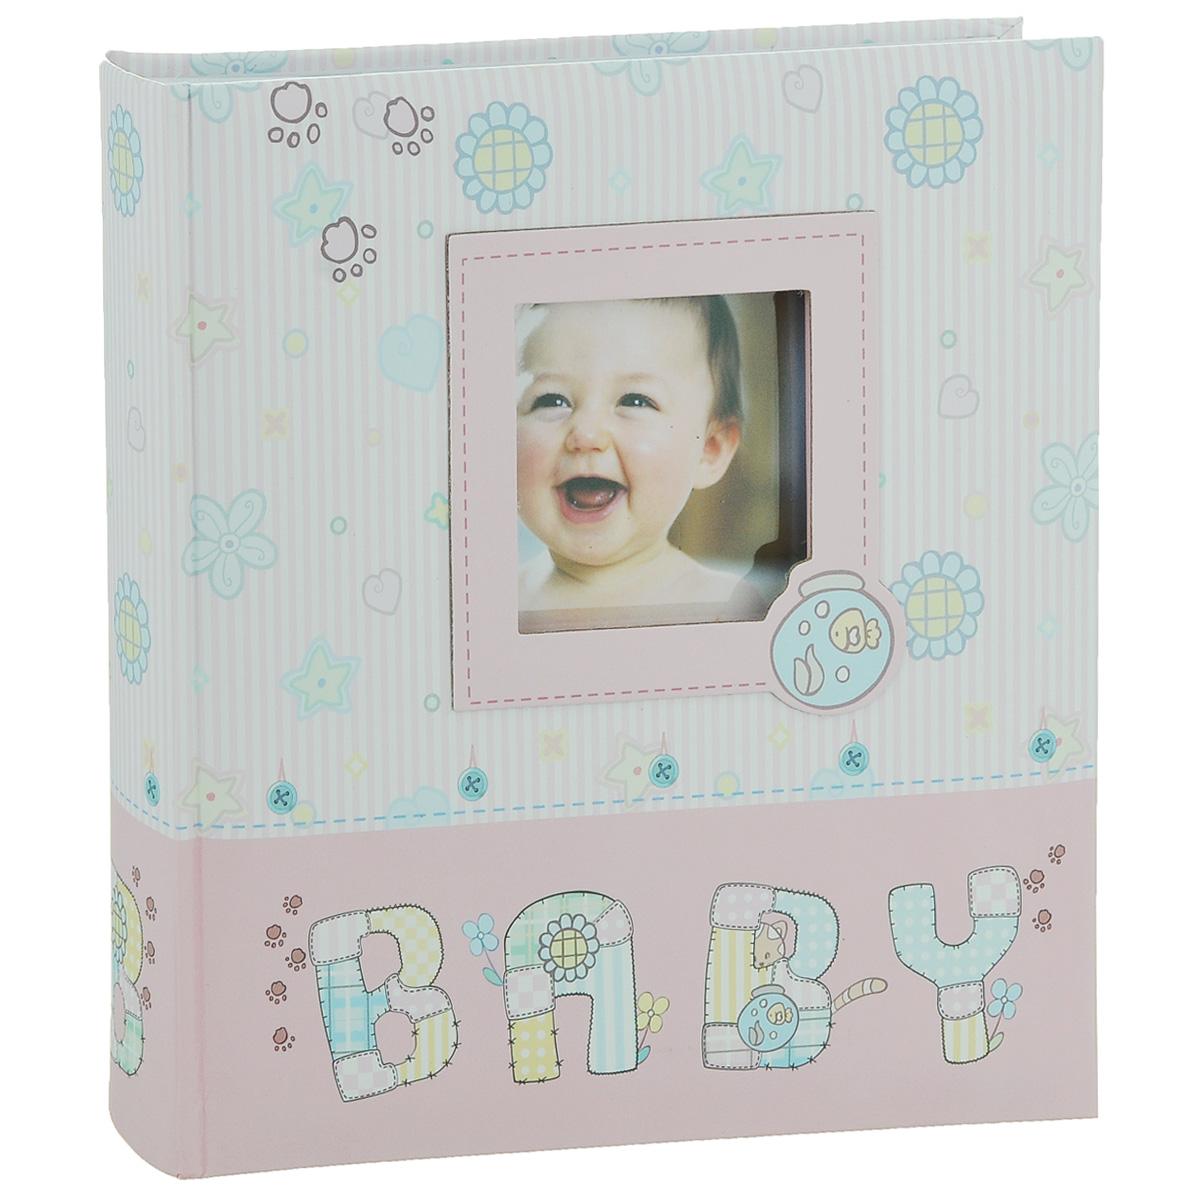 Фотоальбом Image Art Baby, цвет: розовый, белый, 200 фотографий, 10 x 15 смBBM46200/2/037_розовый, белыйФотоальбом Image Art Baby поможет красиво оформить фотографии вашего малыша. Обложка выполнена из толстого картона. С лицевой стороны обложки имеется квадратное окошко для вашей самой любимой фотографии. Внутри содержится блок из 50 белых листов с фиксаторами-окошками из полипропилена. Альбом рассчитан на 200 фотографий формата 10 см х 15 см (по 2 фотографии на странице). Для фотографий предусмотрено поле для записей. Переплет - книжный. Нам всегда так приятно вспоминать о самых счастливых моментах жизни, запечатленных на фотографиях. Поэтому фотоальбом является универсальным подарком к любому празднику. Количество листов: 50. Размер фотографии: 10 х 15 см.